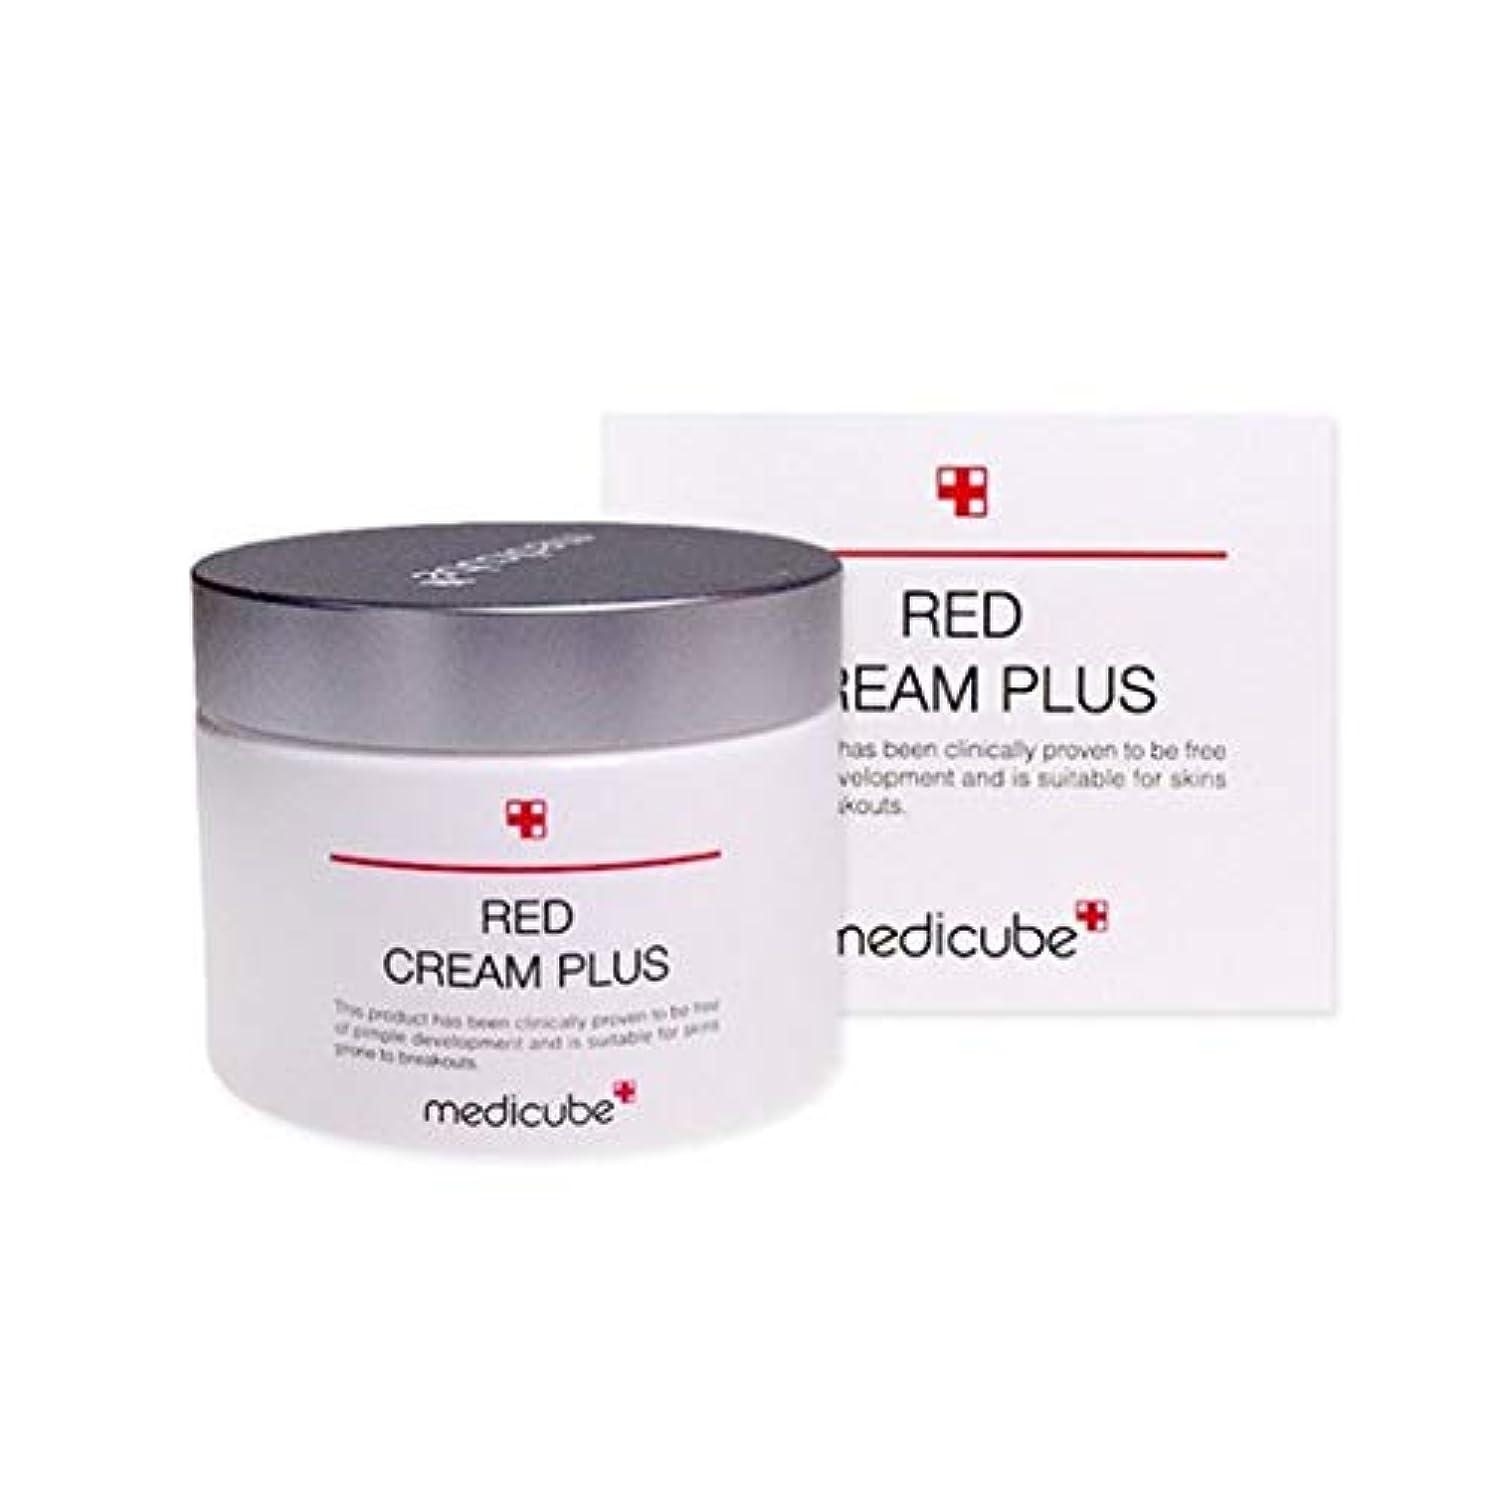 学ぶ仮説統治可能メディキューブレッドクリームプラス100ml韓国コスメ、Medicube Red Cream Plus 100ml Korean Cosmetics [並行輸入品]